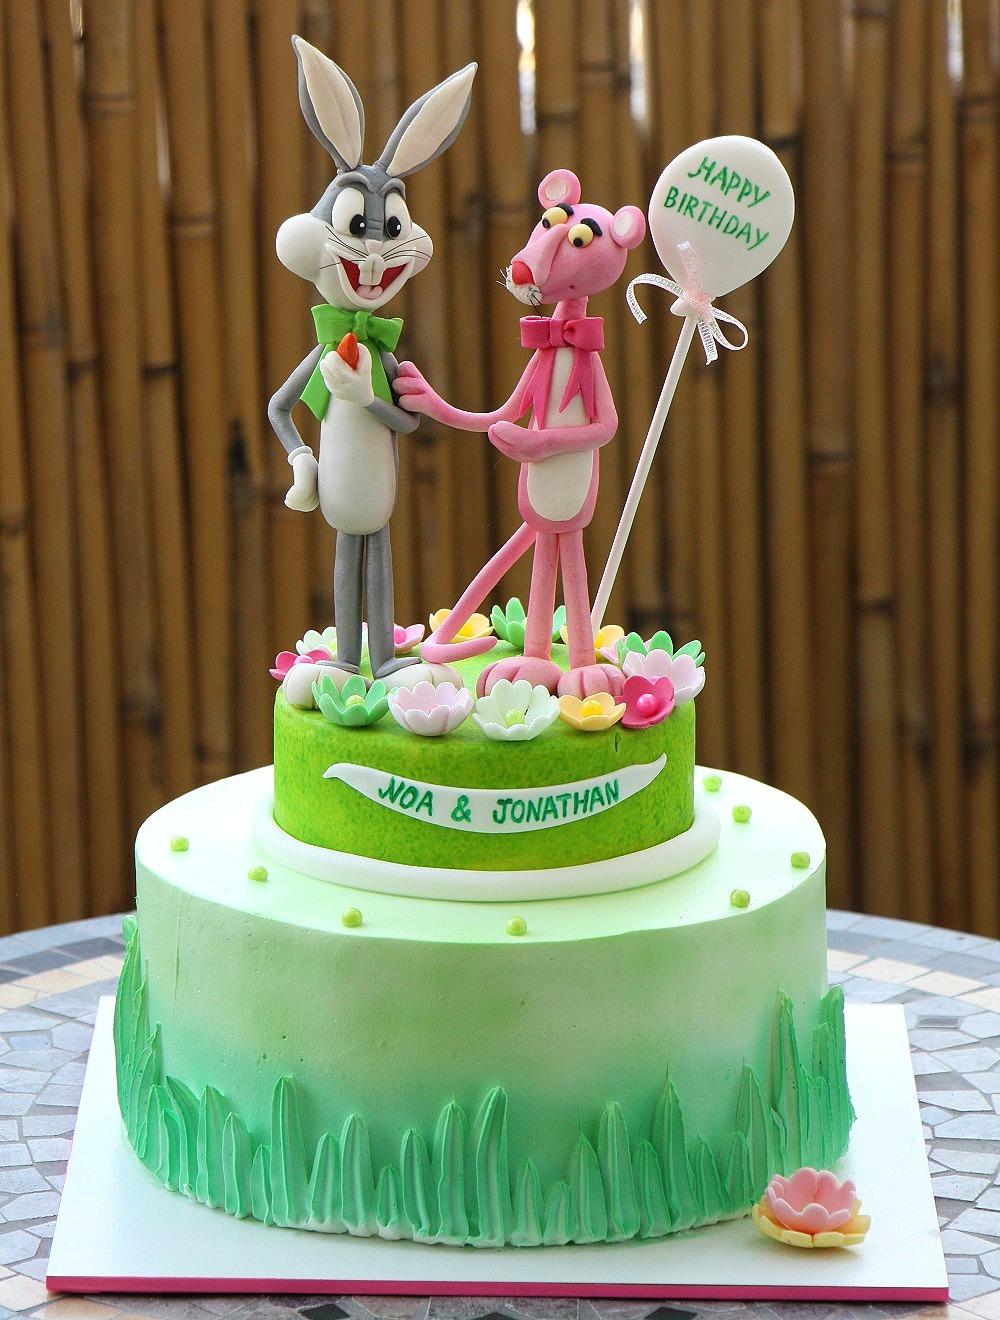 עוגת הפנתר הוורוד ובאגס באני